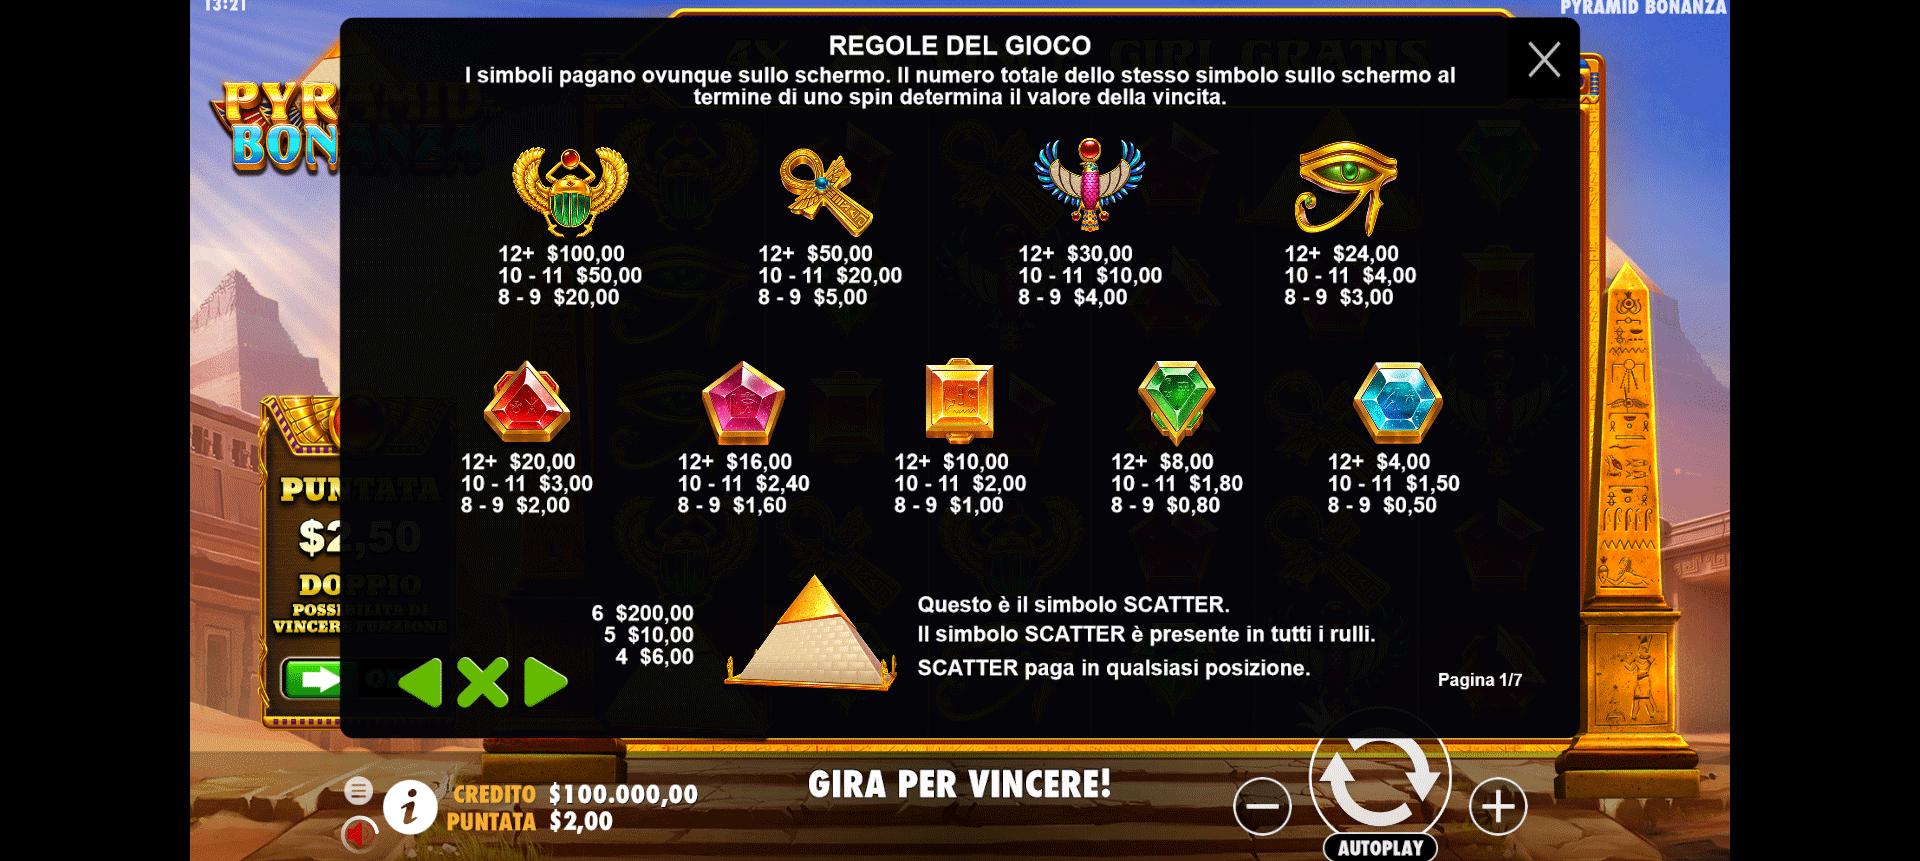 tabella dei simboli del gioco slot online pyramid bonanza